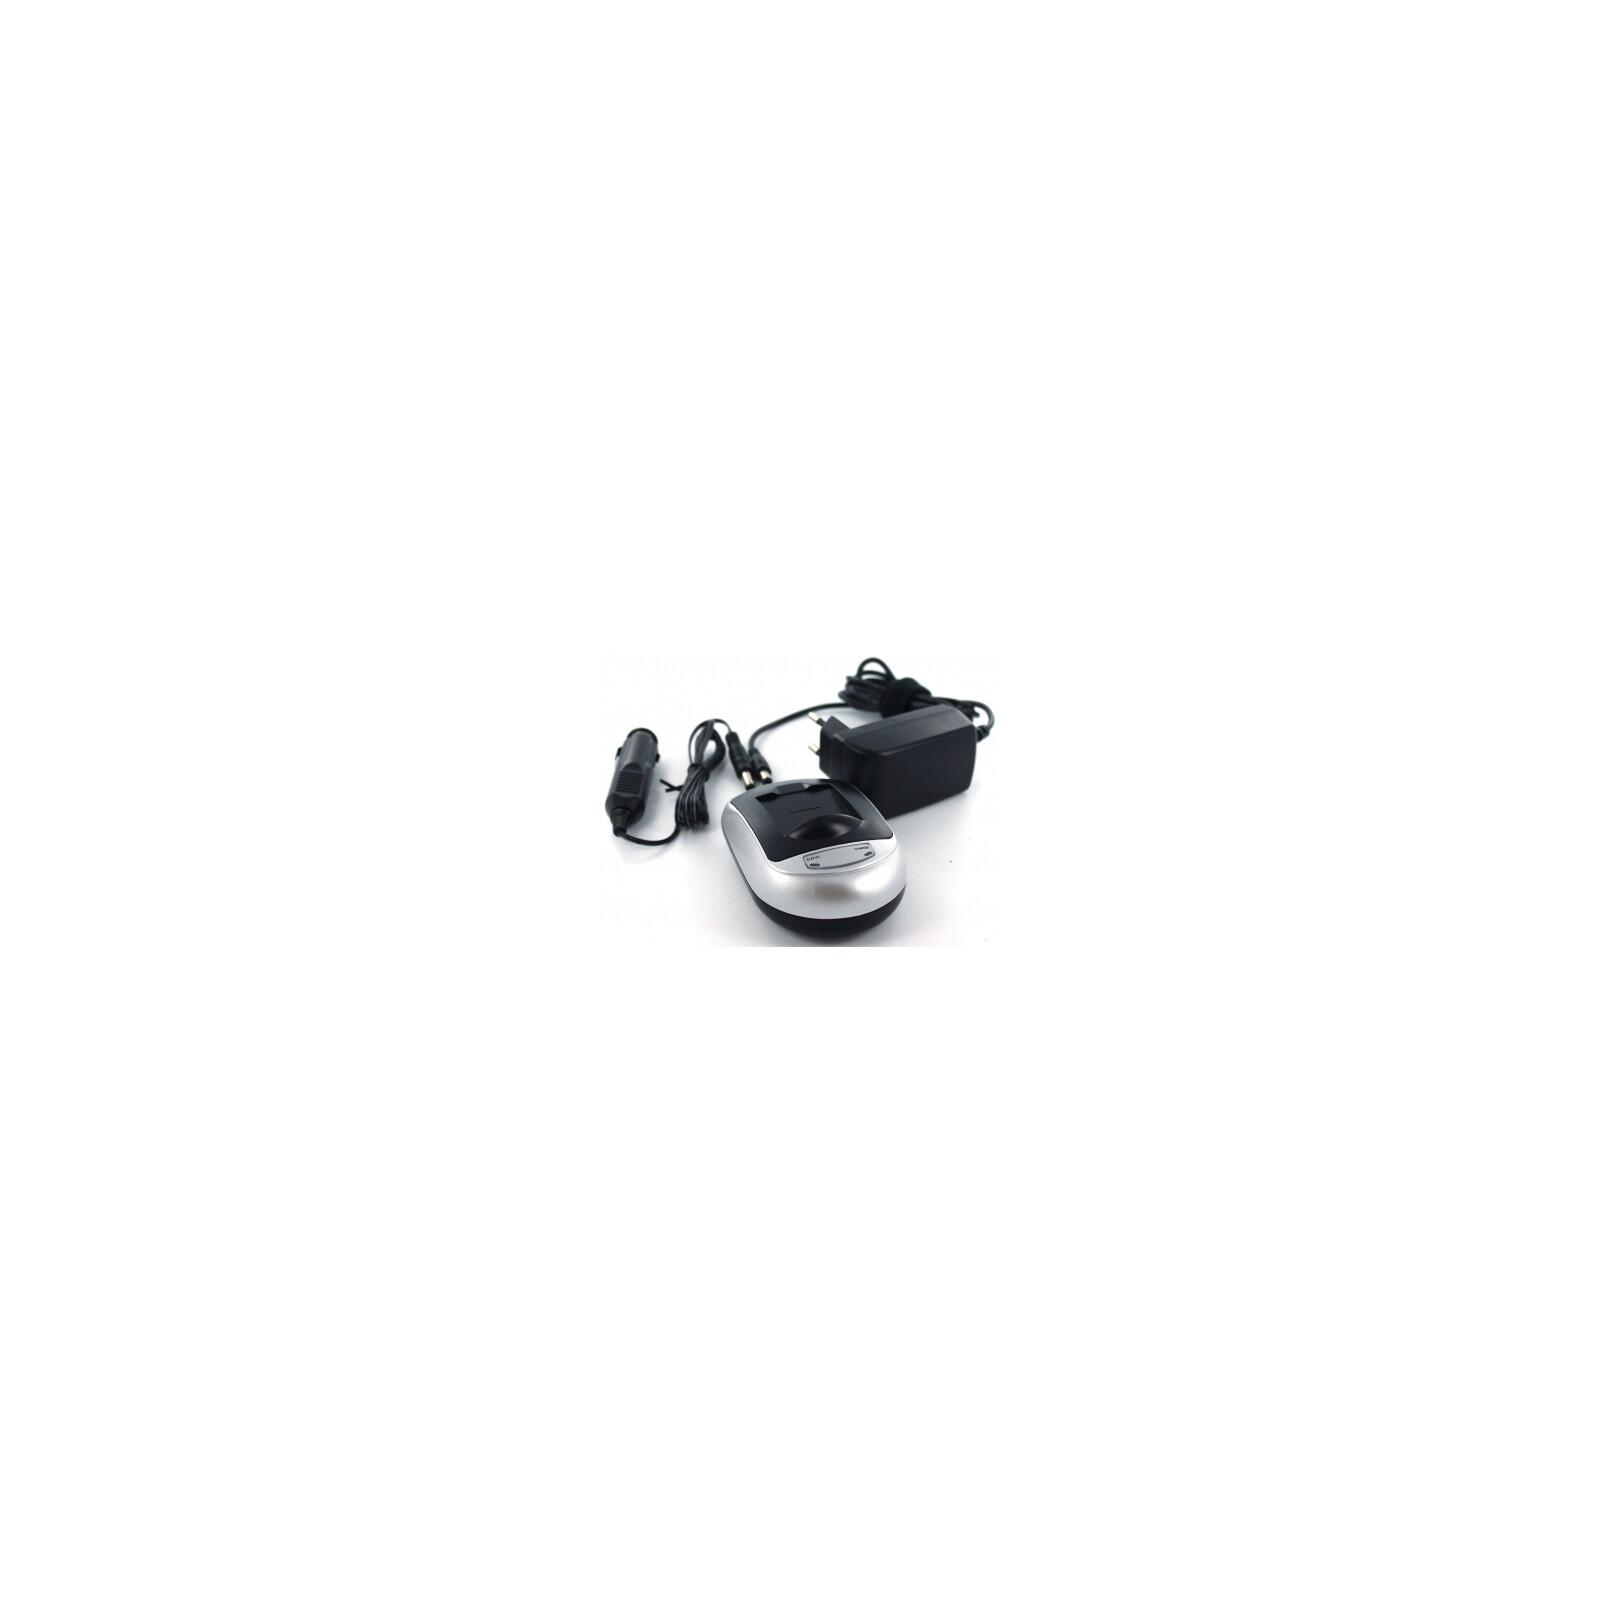 AGI 79514 Ladegerät Canon POWERSHOT A3200 IS